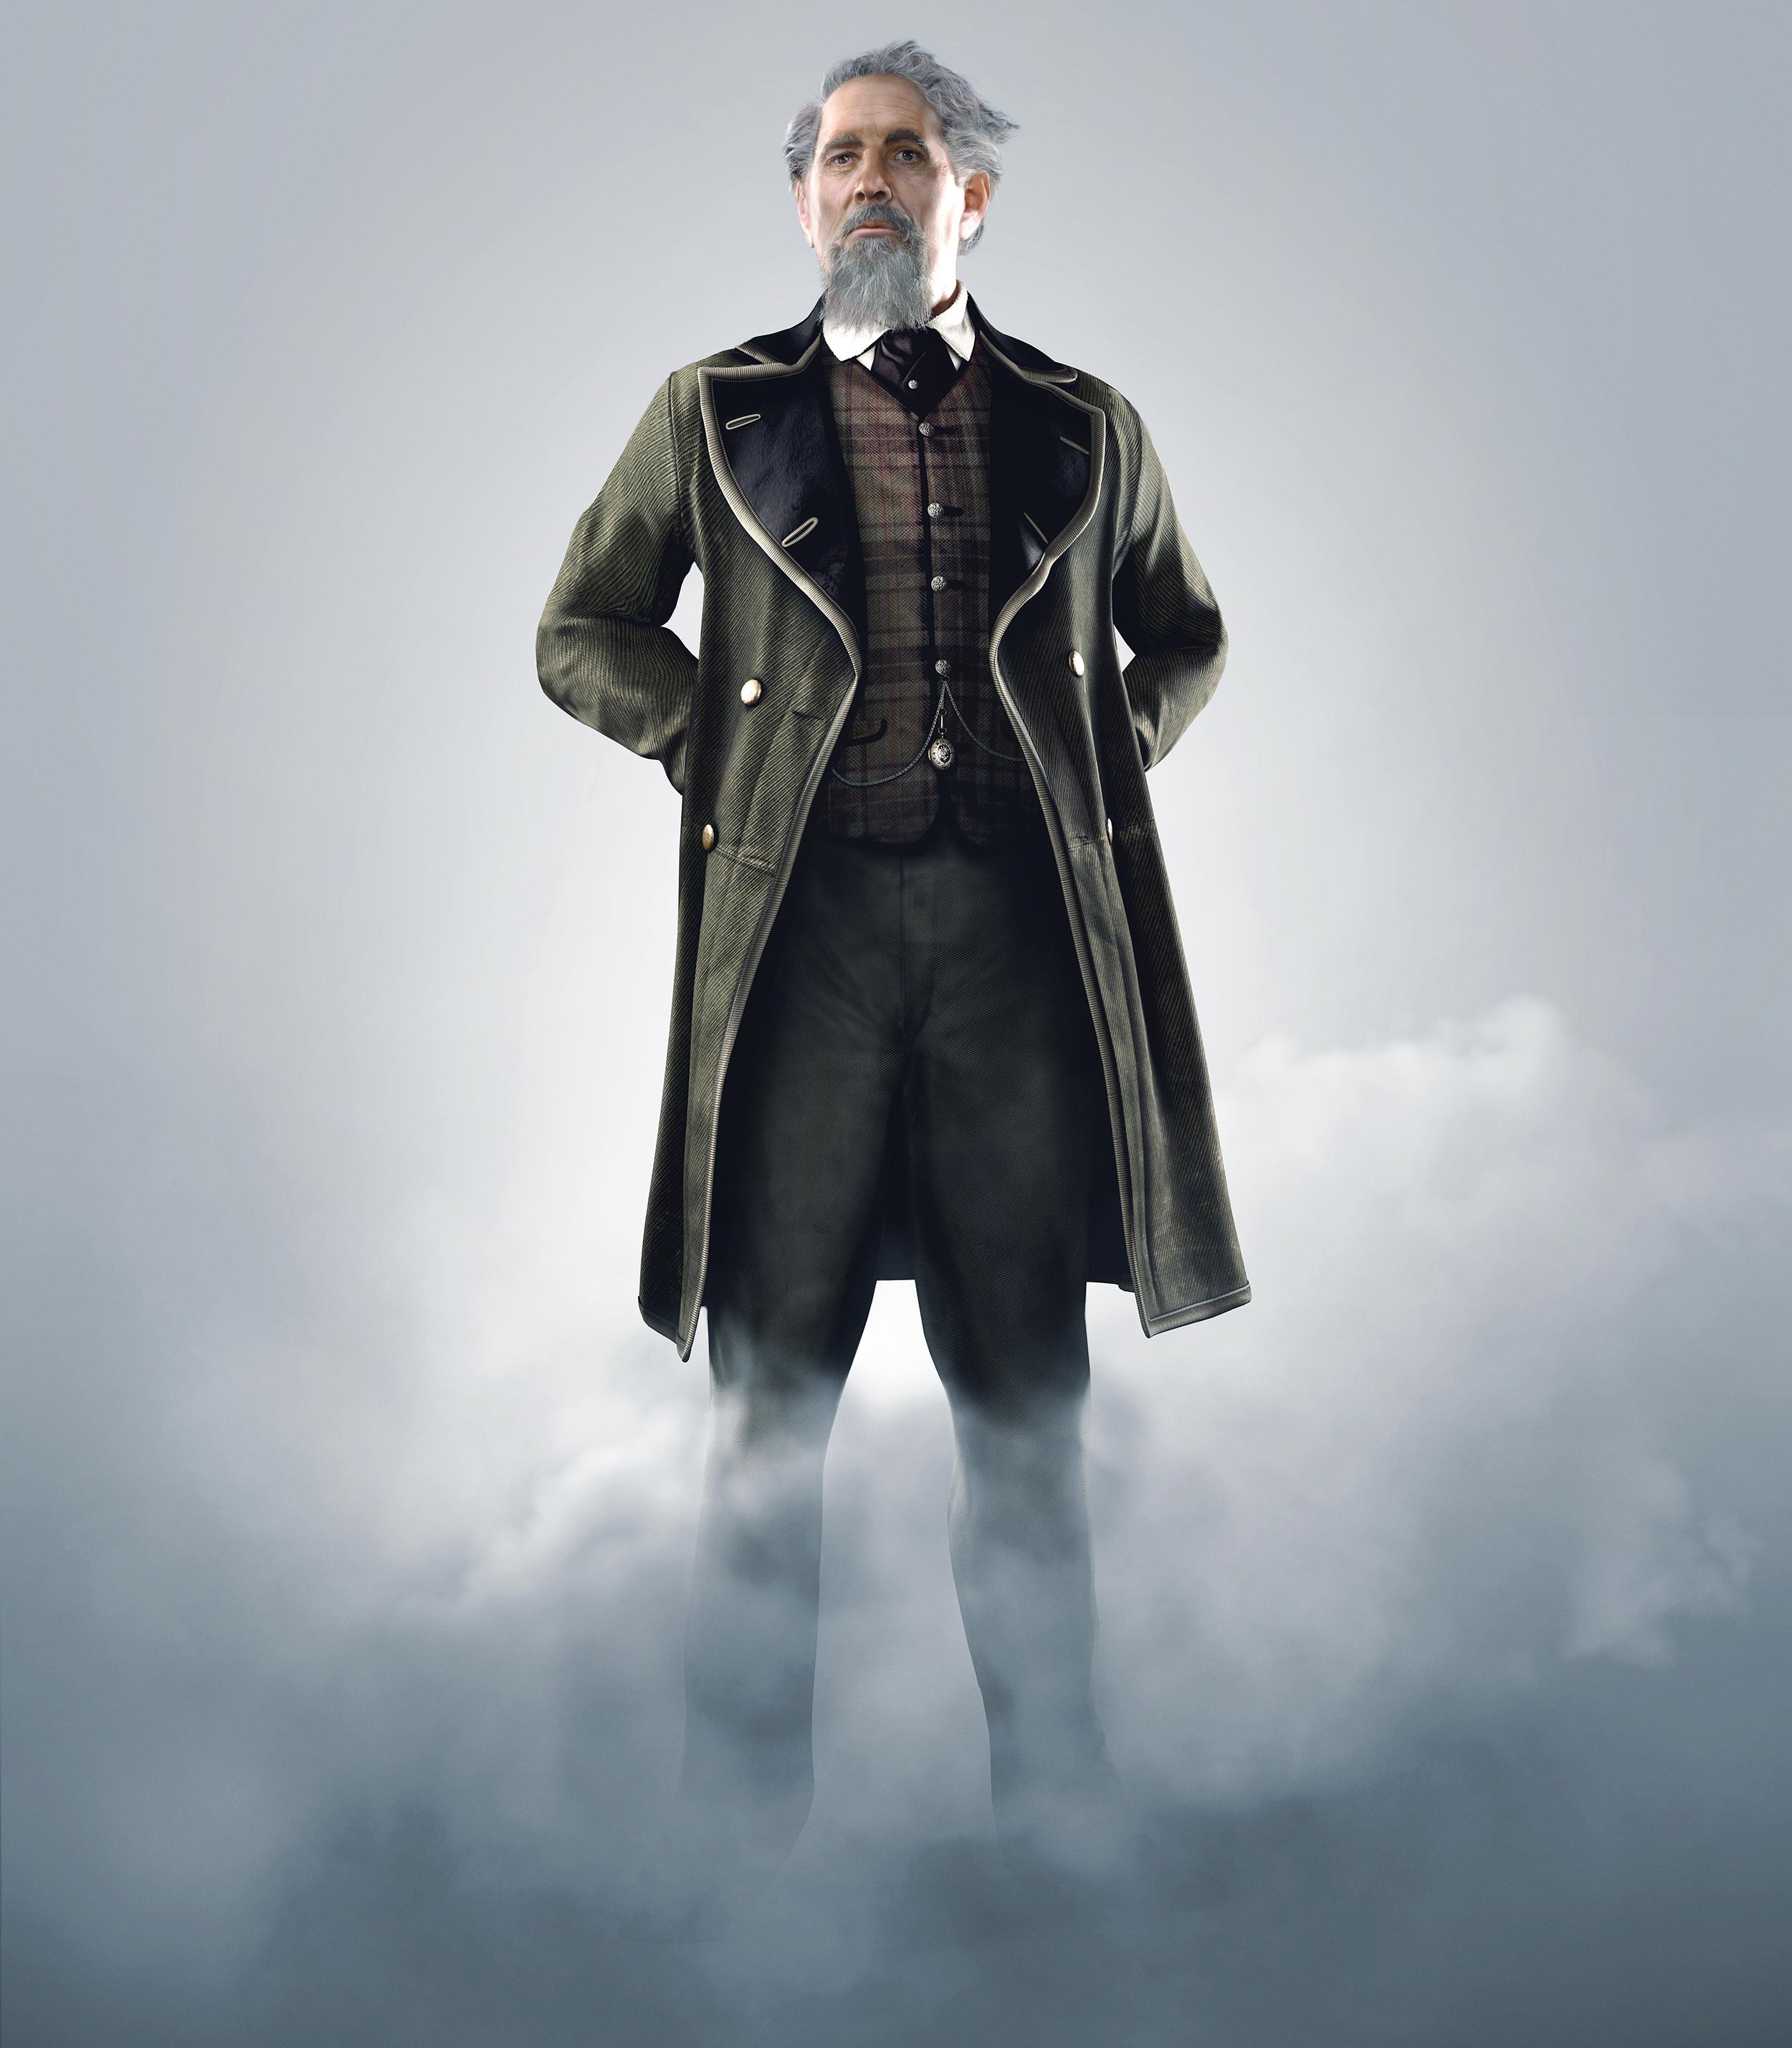 Historické osobnosti v Assassin's Creed: Syndicate 114892